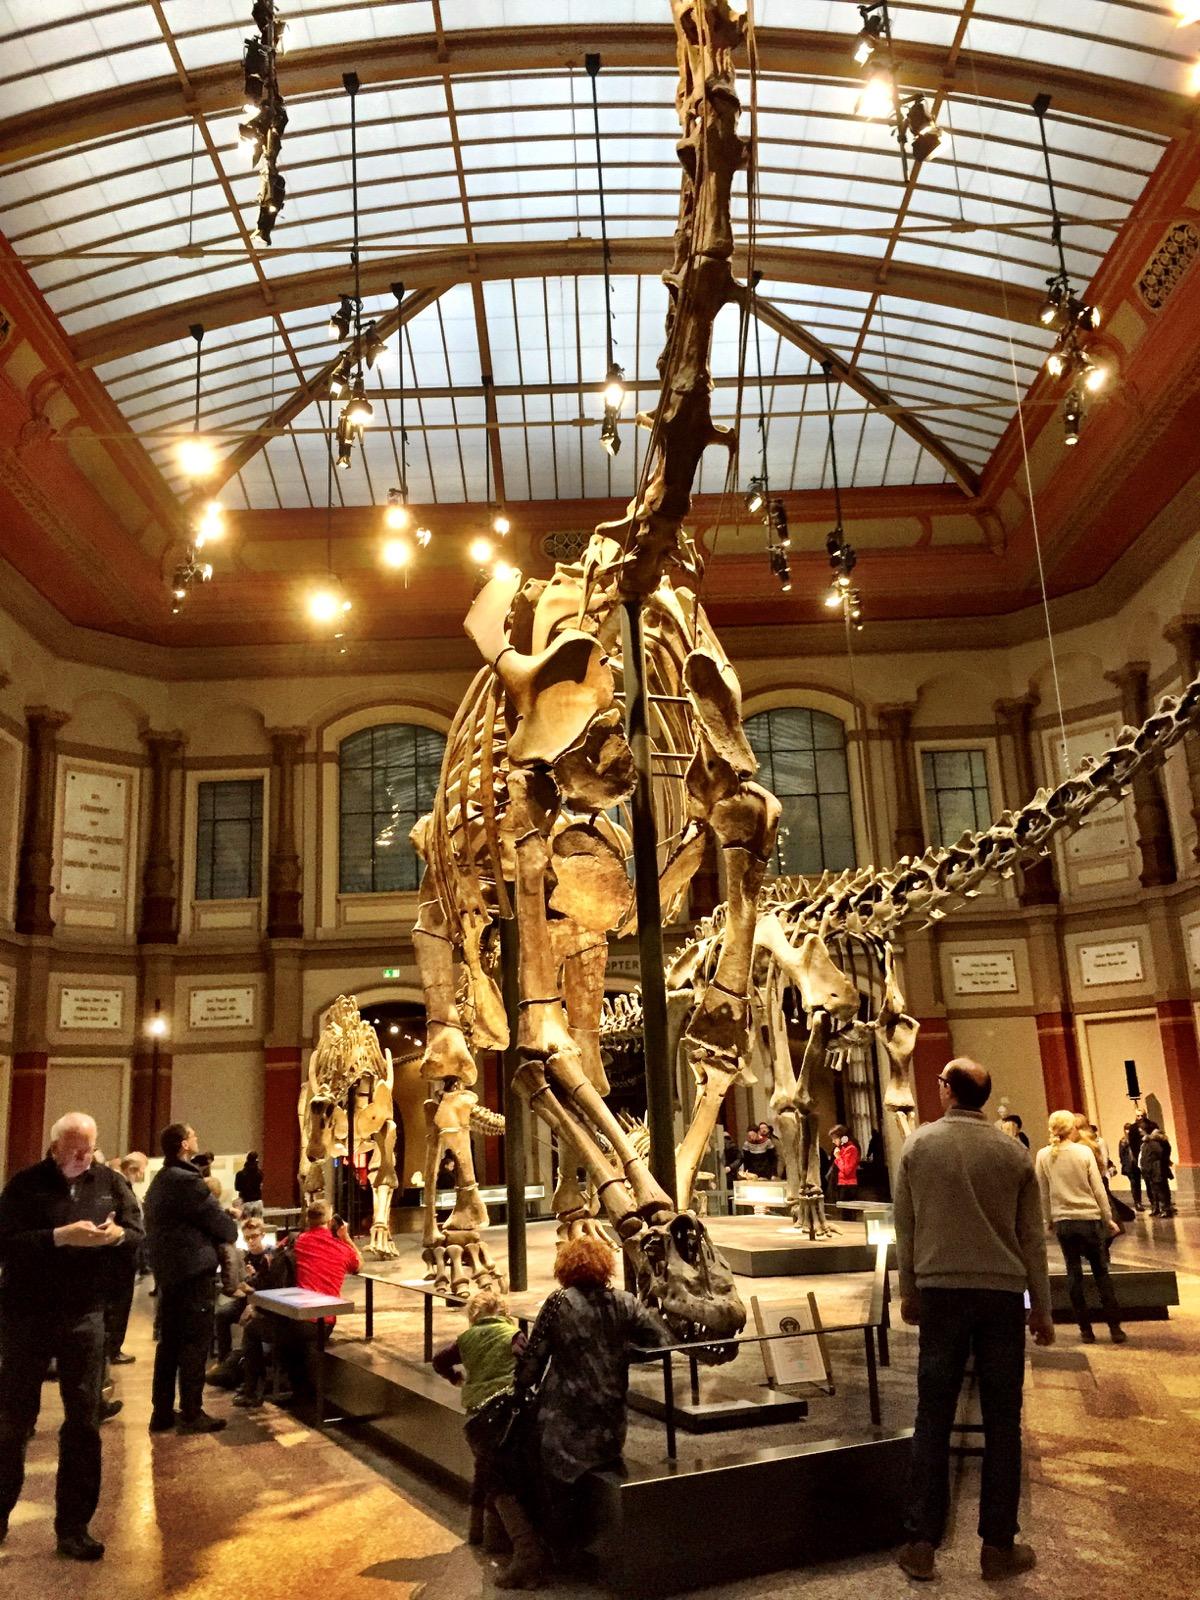 Esqueletos de vários dinossauros, com um maior em destaque, no centro.